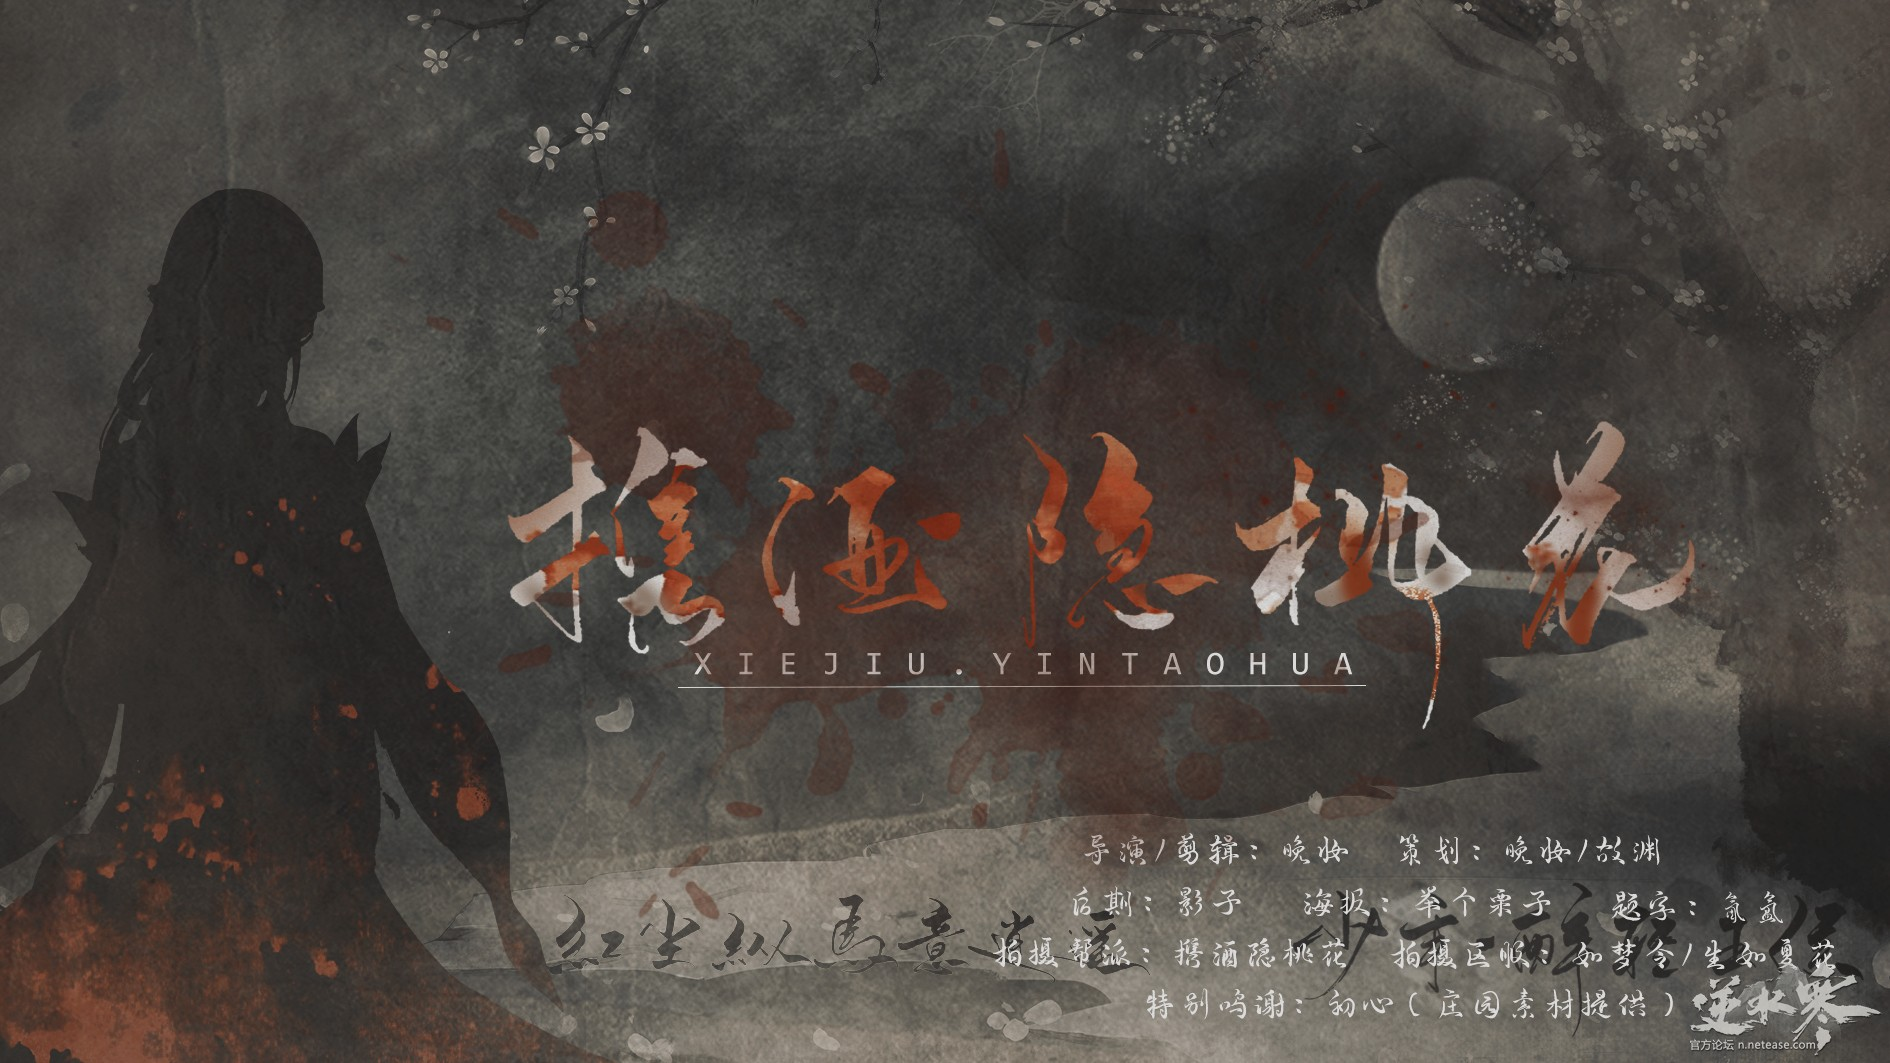 【自在门】【投稿】<如梦令-生如夏花>携酒隐桃花帮派帮宣贺年片